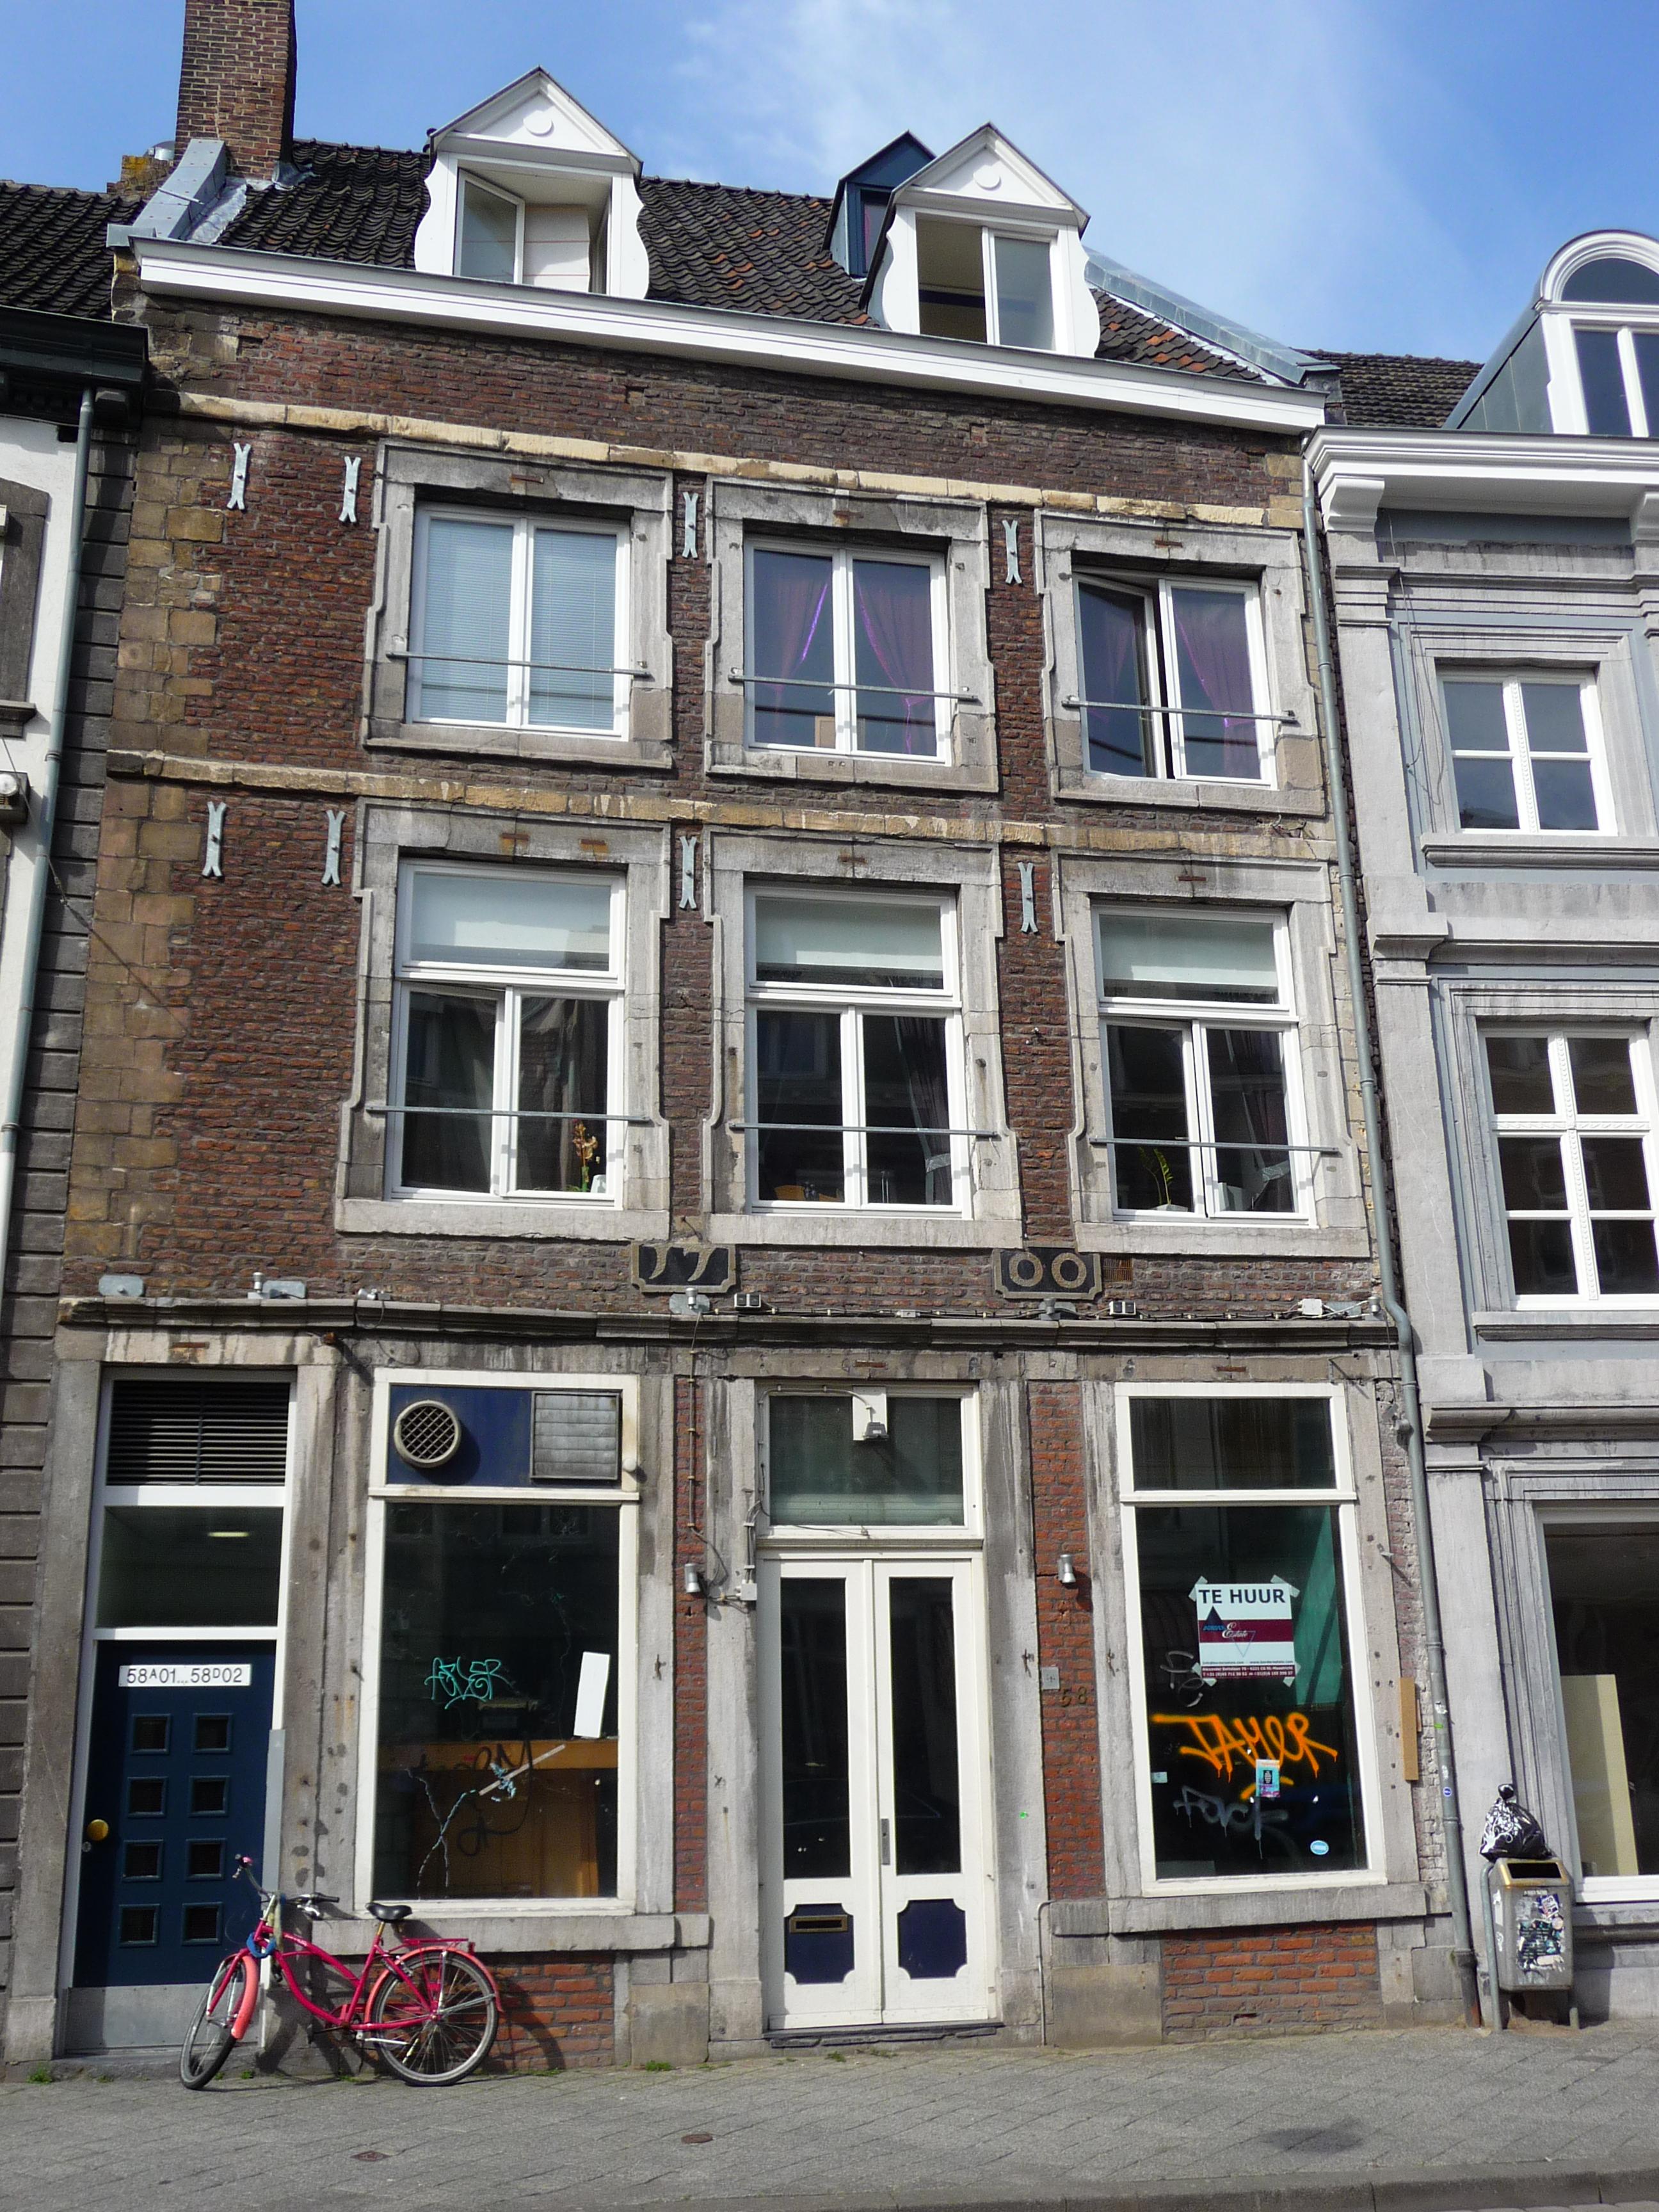 Huis met lijstgevel in maastricht monument for Huis te koop maastricht